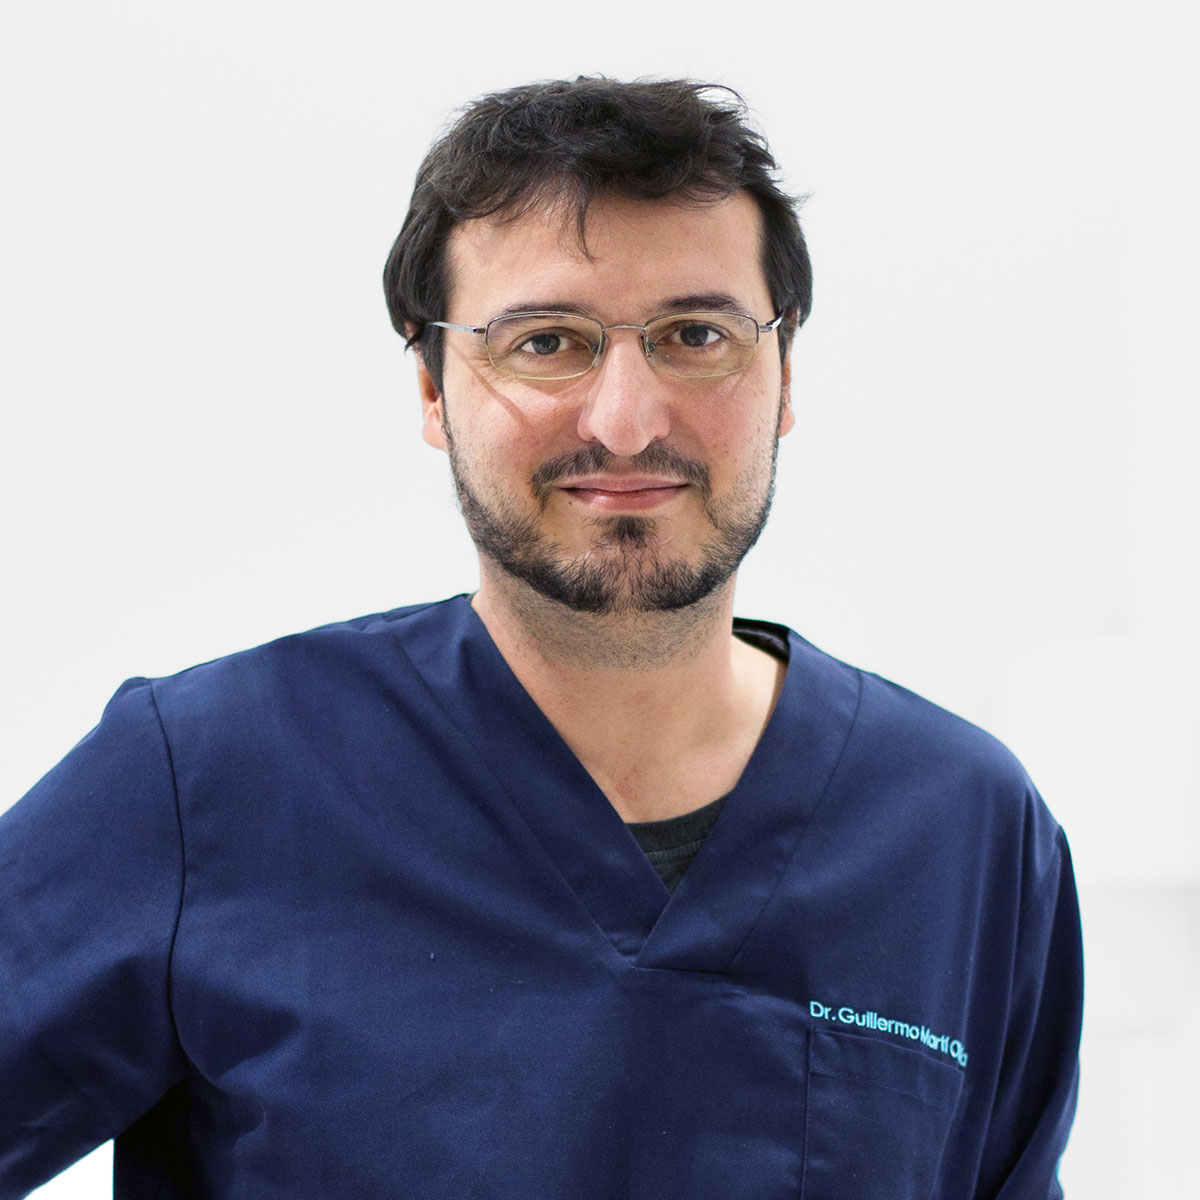 Dr. Guillermo Martí